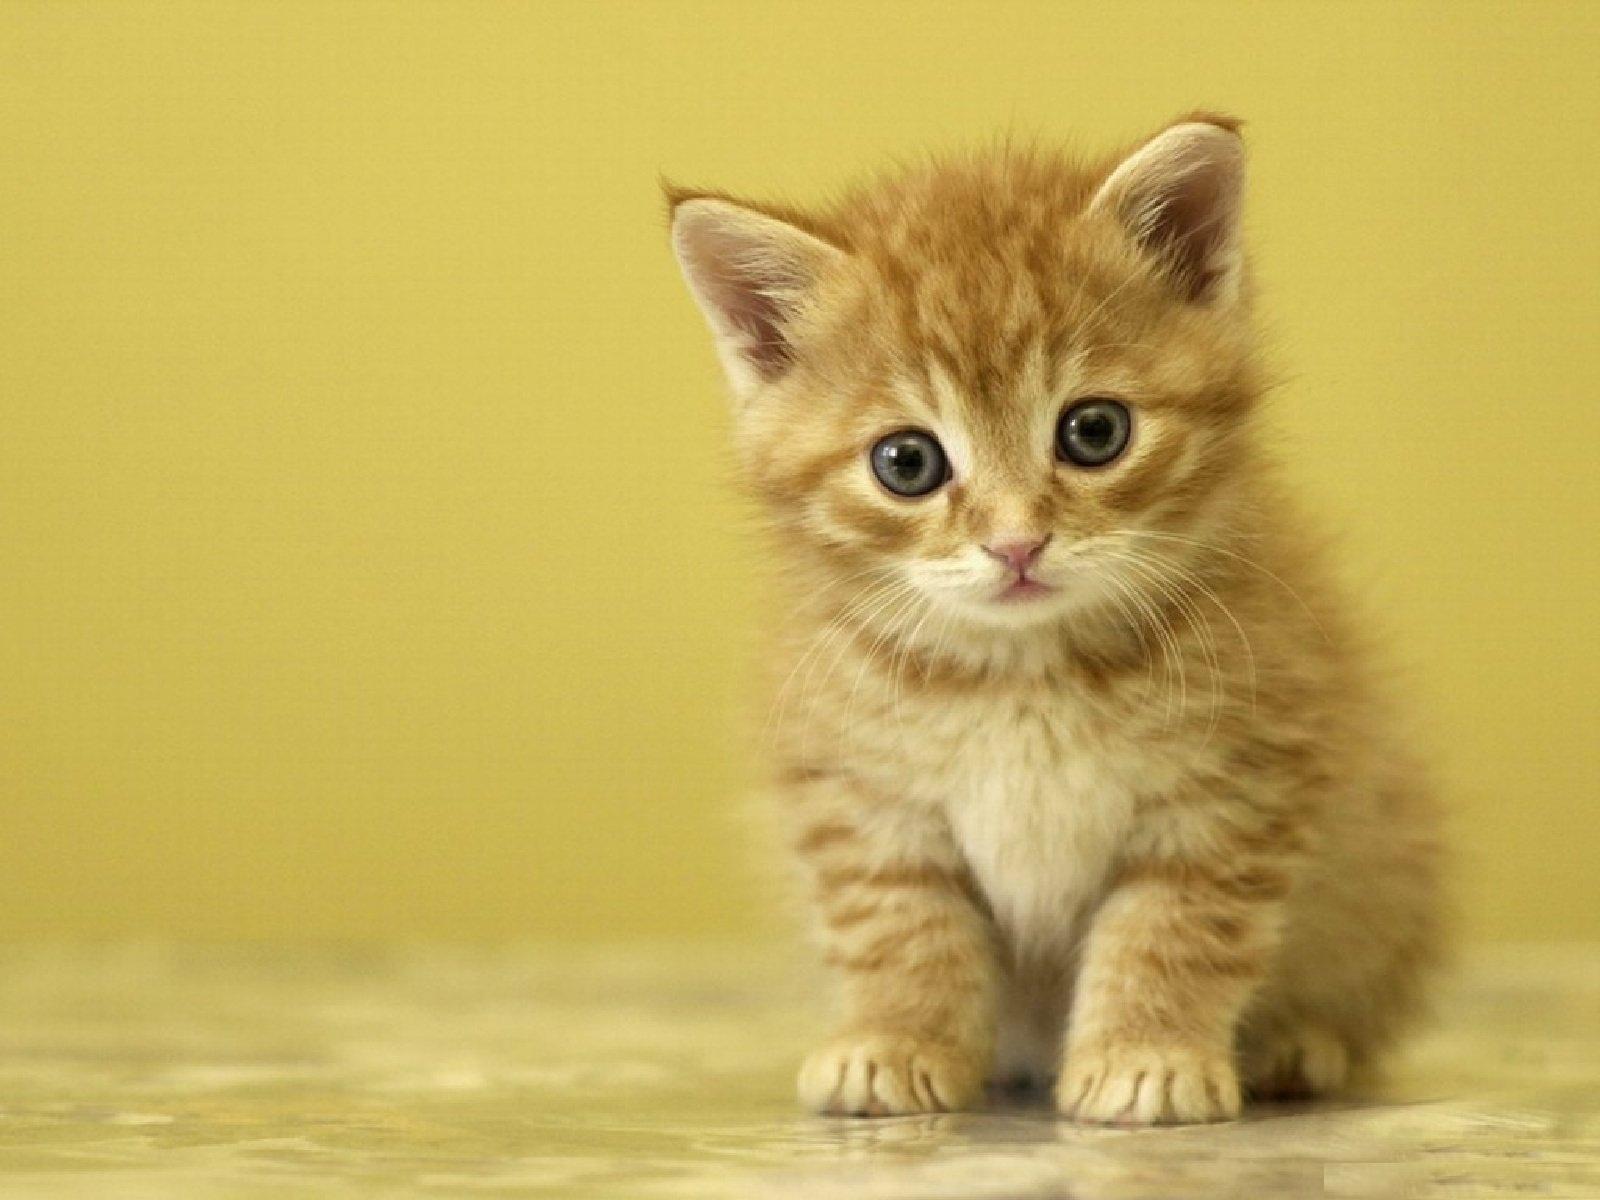 بالصور اجمل الصور للقطط في العالم , صور للقطط من اجمل الصور في العالم 6720 4